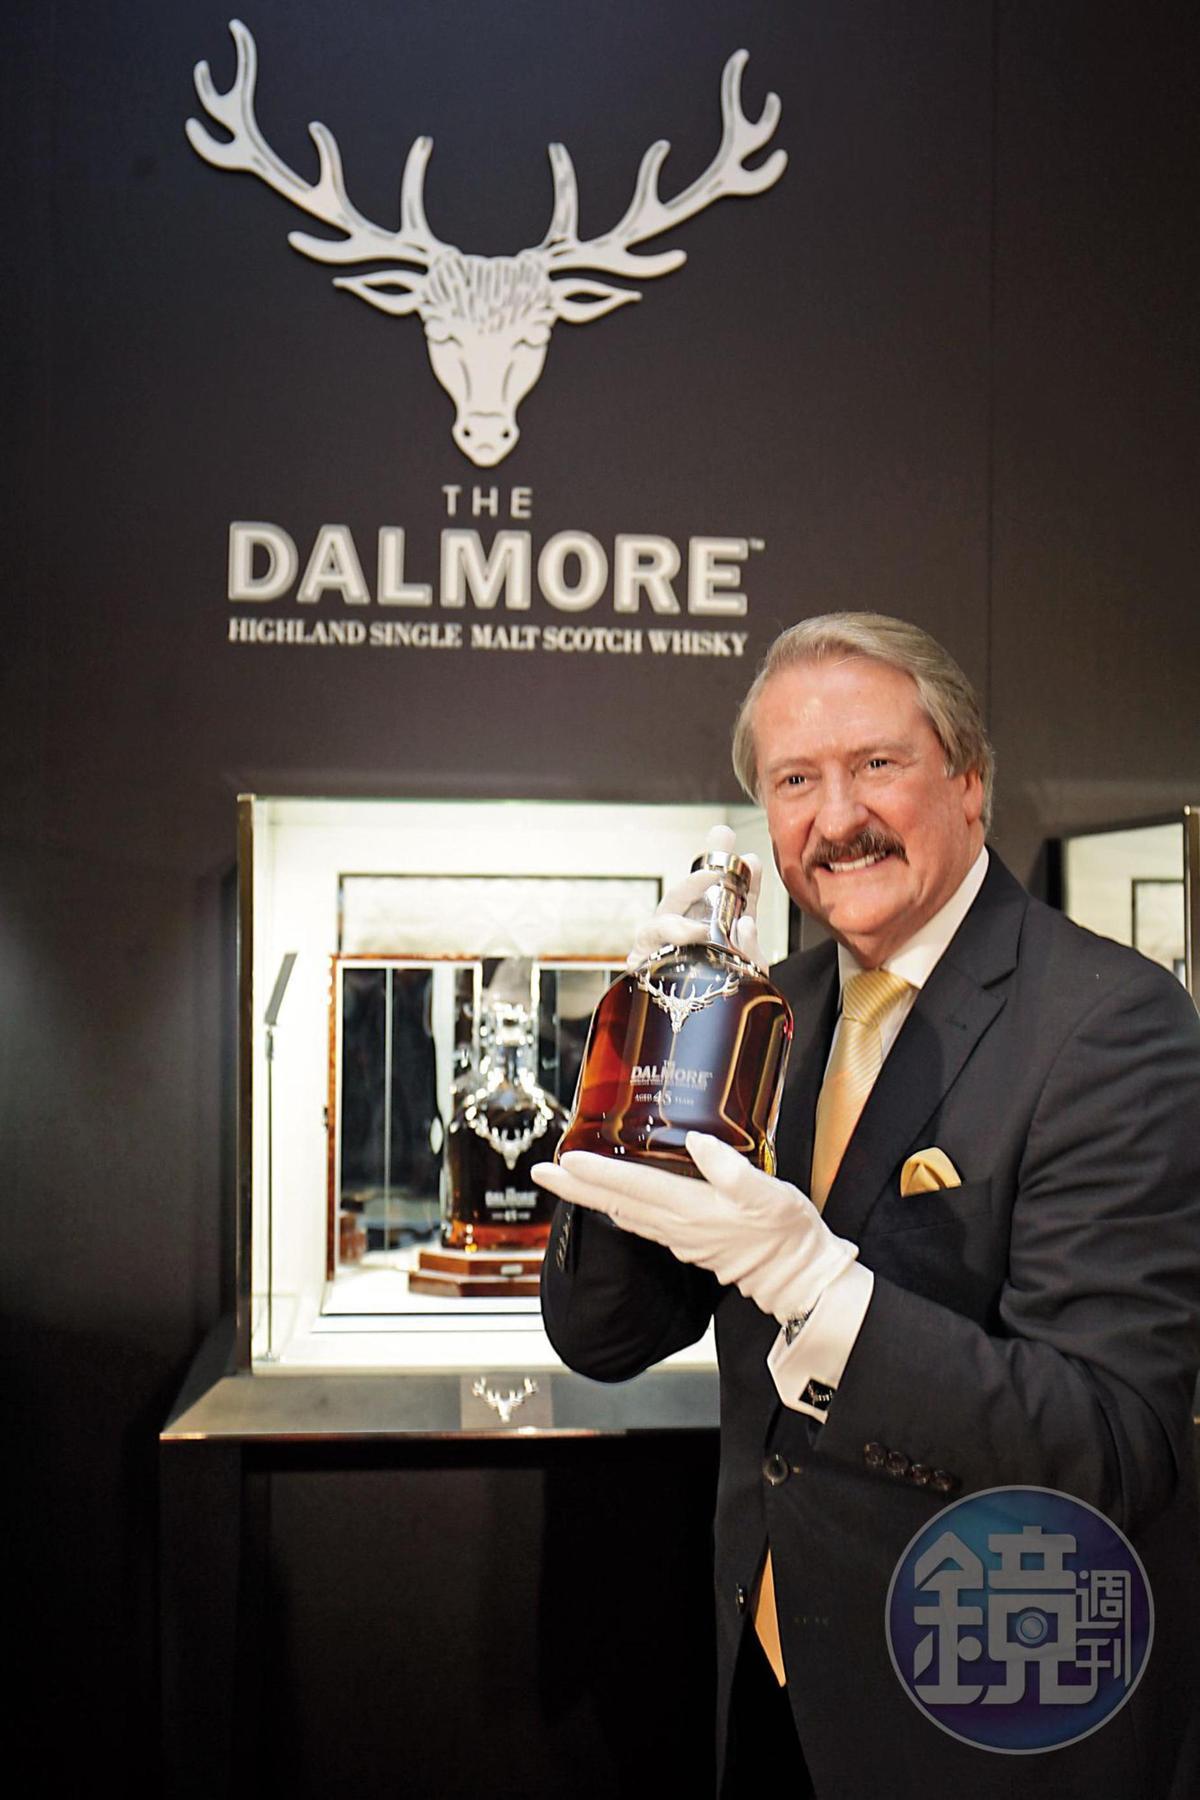 「神級調酒師」之一的大摩首席調酒師理查・派特森繼大摩50年之後,今年3月21日再度來台,在寒舍艾美發表大摩45年單麥威士忌。